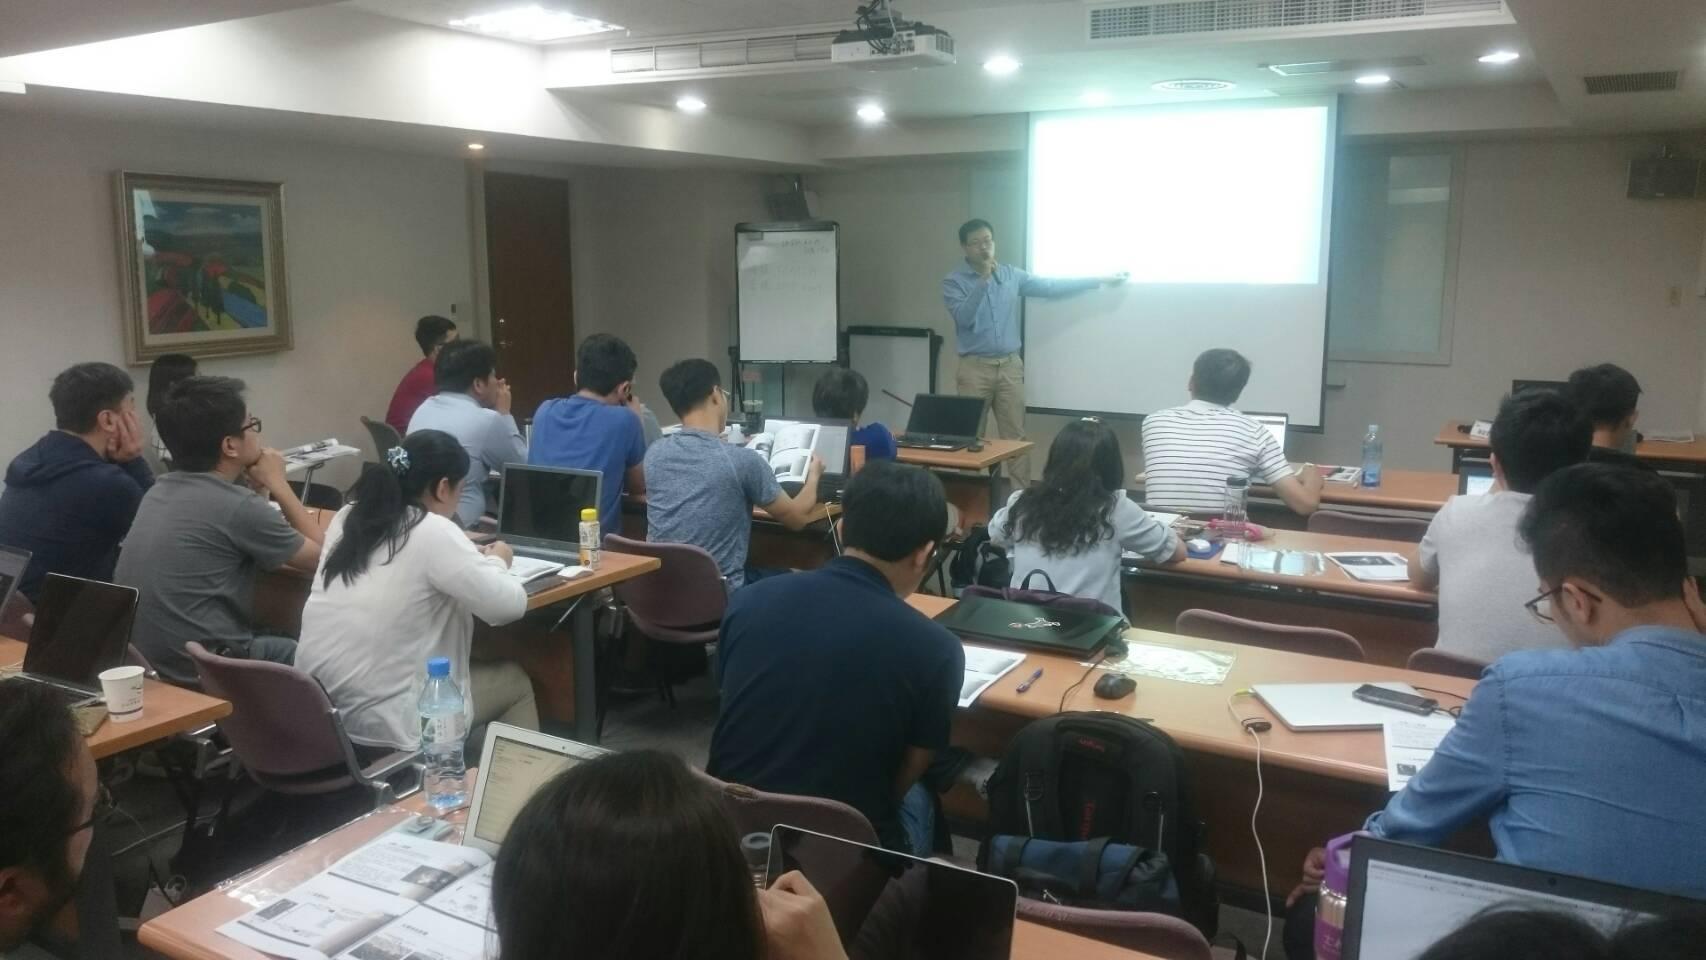 與台北市電腦公會、臺灣金融科技公司合辦第一期「人工智慧實務特訓班」!